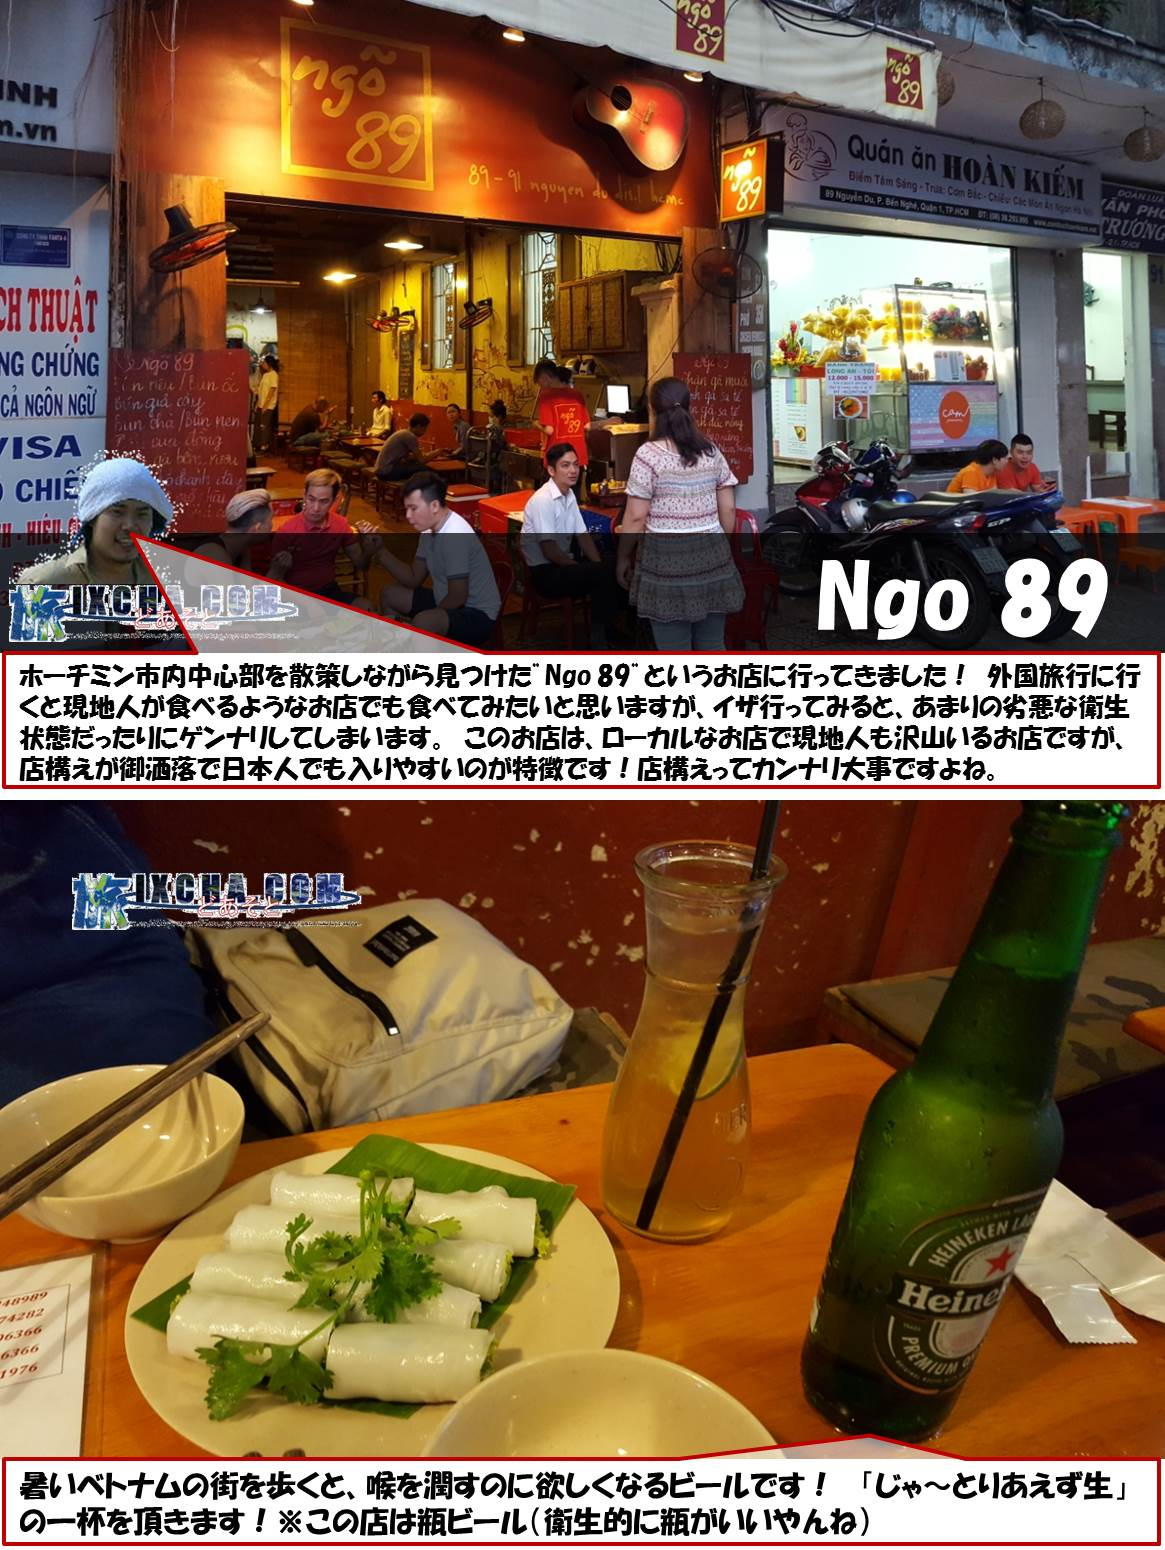 """Ngo 89 ホーチミン市内中心部を散策しながら見つけた""""Ngo 89""""というお店に行ってきました! 外国旅行に行くと現地人が食べるようなお店でも食べてみたいと思いますが、イザ行ってみると、あまりの劣悪な衛生状態だったりにゲンナリしてしまいます。 このお店は、ローカルなお店で現地人も沢山いるお店ですが、店構えが御洒落で日本人でも入りやすいのが特徴です!店構えってカンナリ大事ですよね。 暑いベトナムの街を歩くと、喉を潤すのに欲しくなるビールです! 「じゃ~とりあえず生」の一杯を頂きます!※この店は瓶ビール(衛生的に瓶がいいやんね)"""